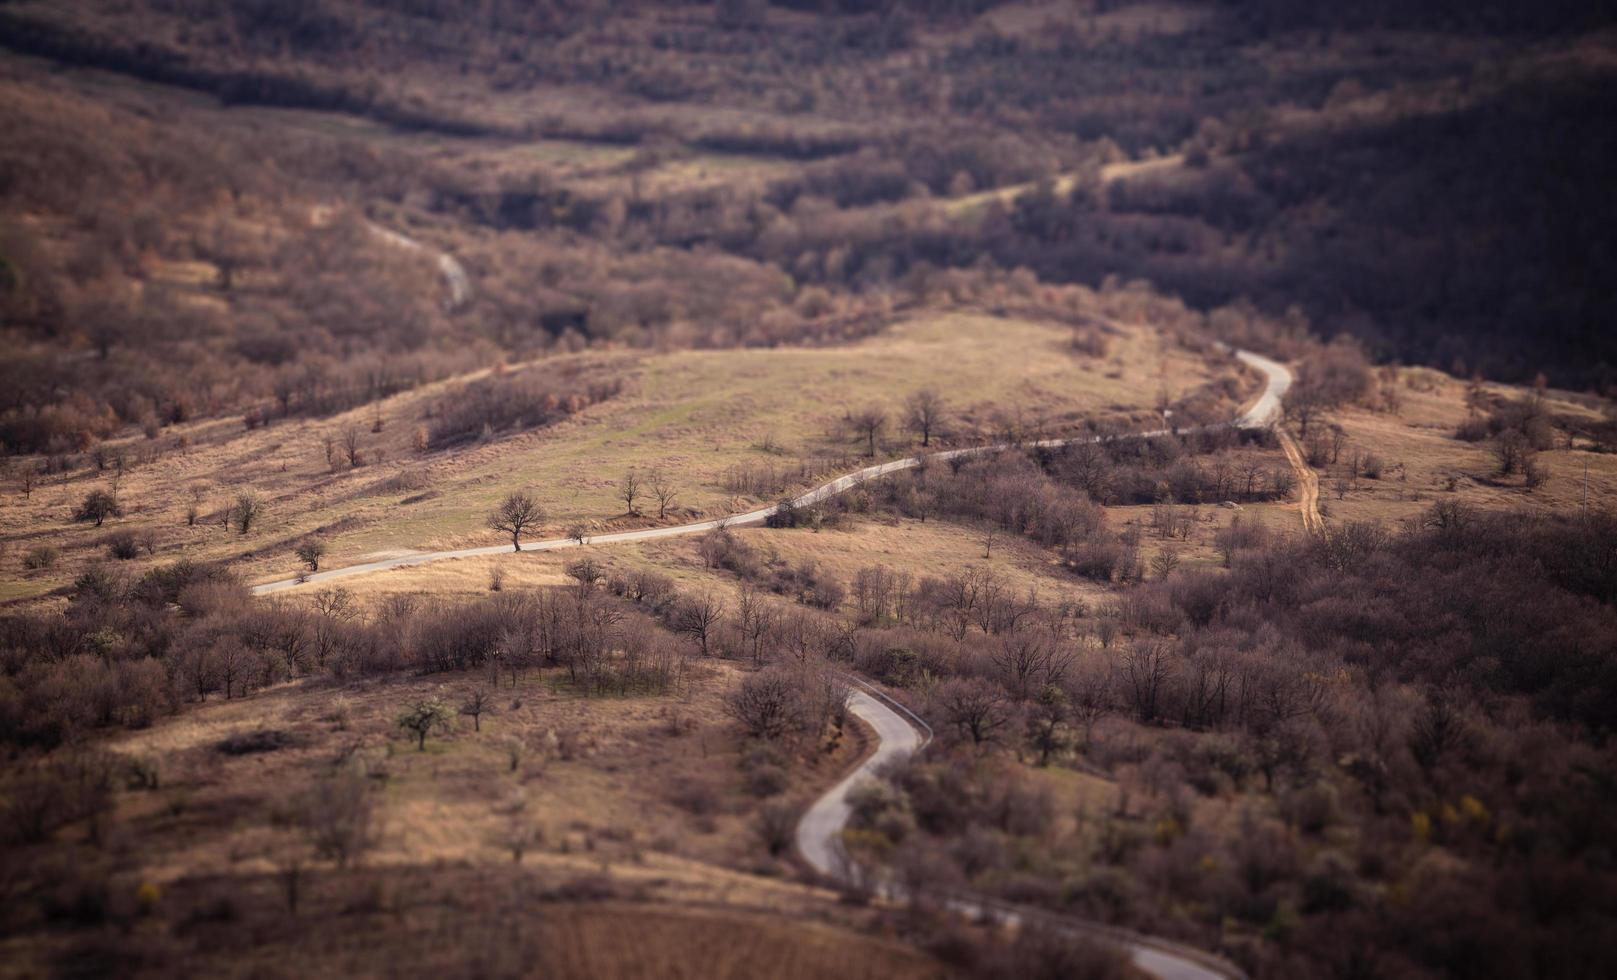 kronkelende weg door heuvels foto